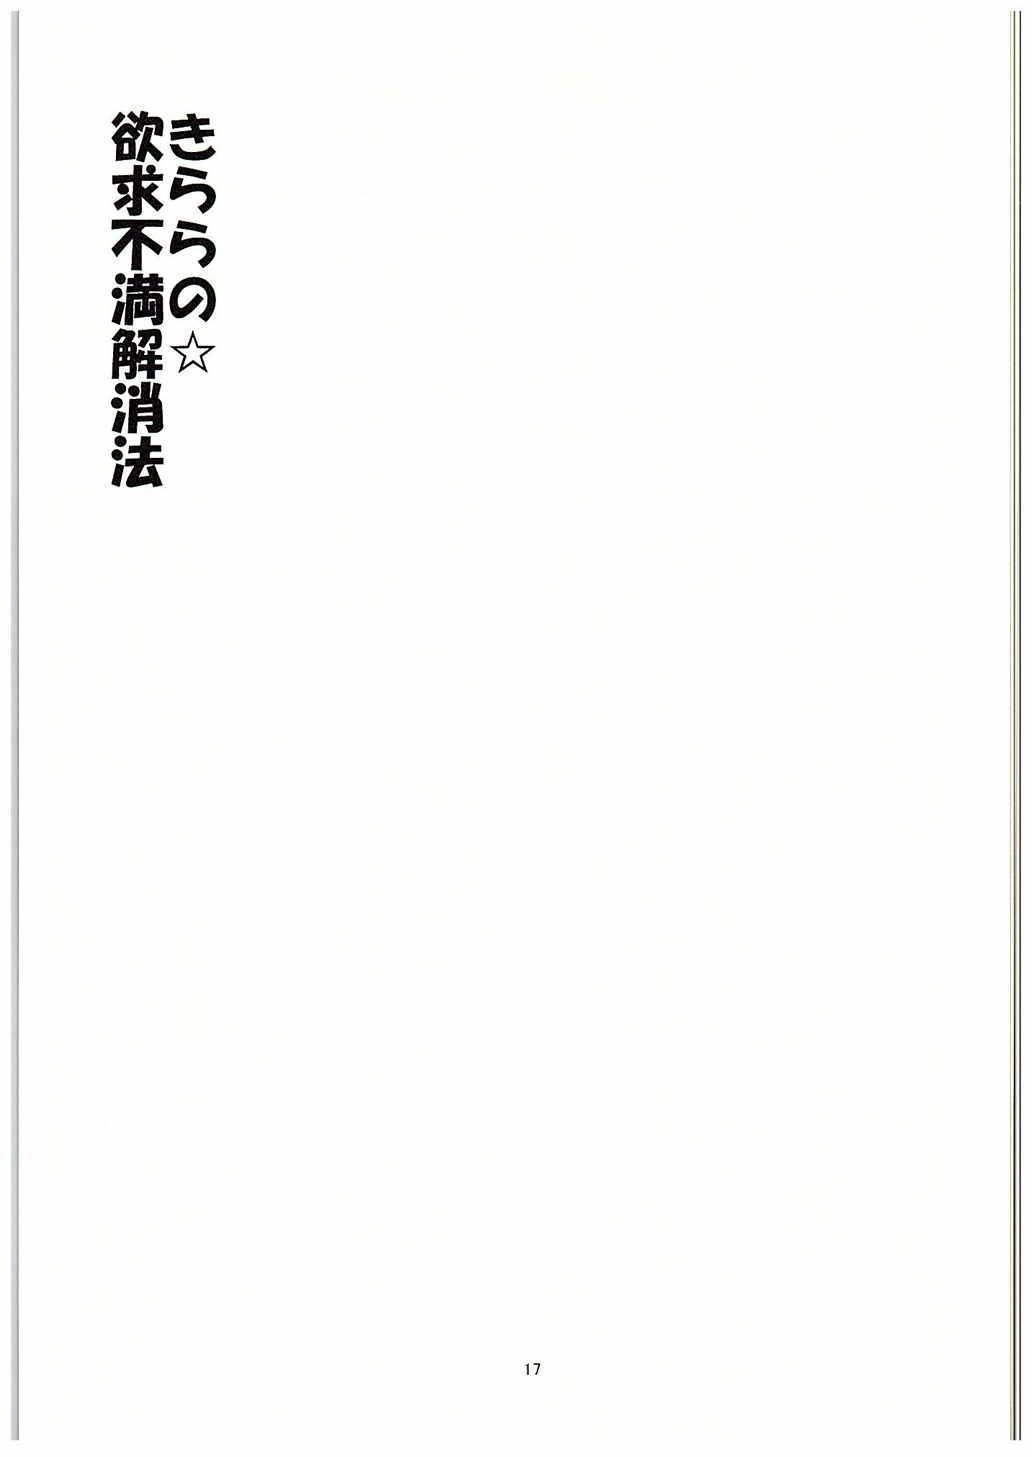 Kirara no Yokkyuu Fuman Kaishouhou 15